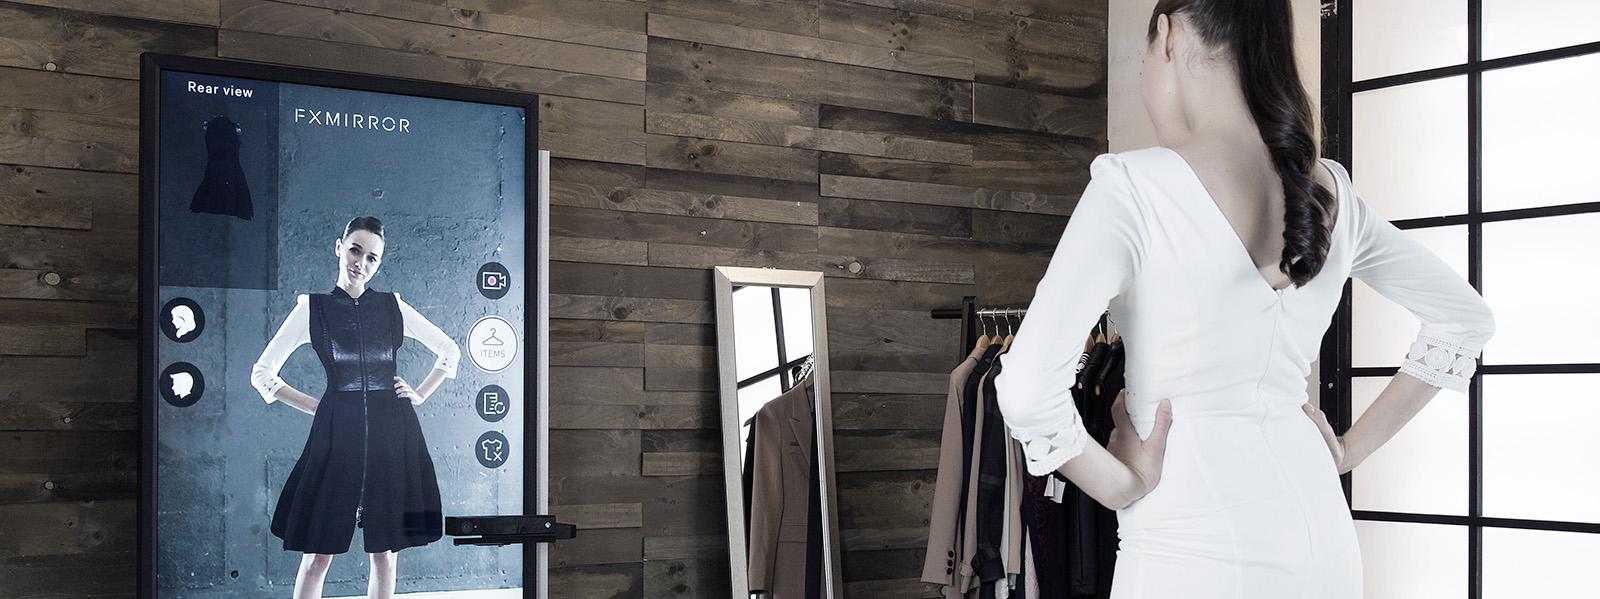 FX Mirror es el sistema de prueba virtual para tiendas de moda más avanzado del mundo